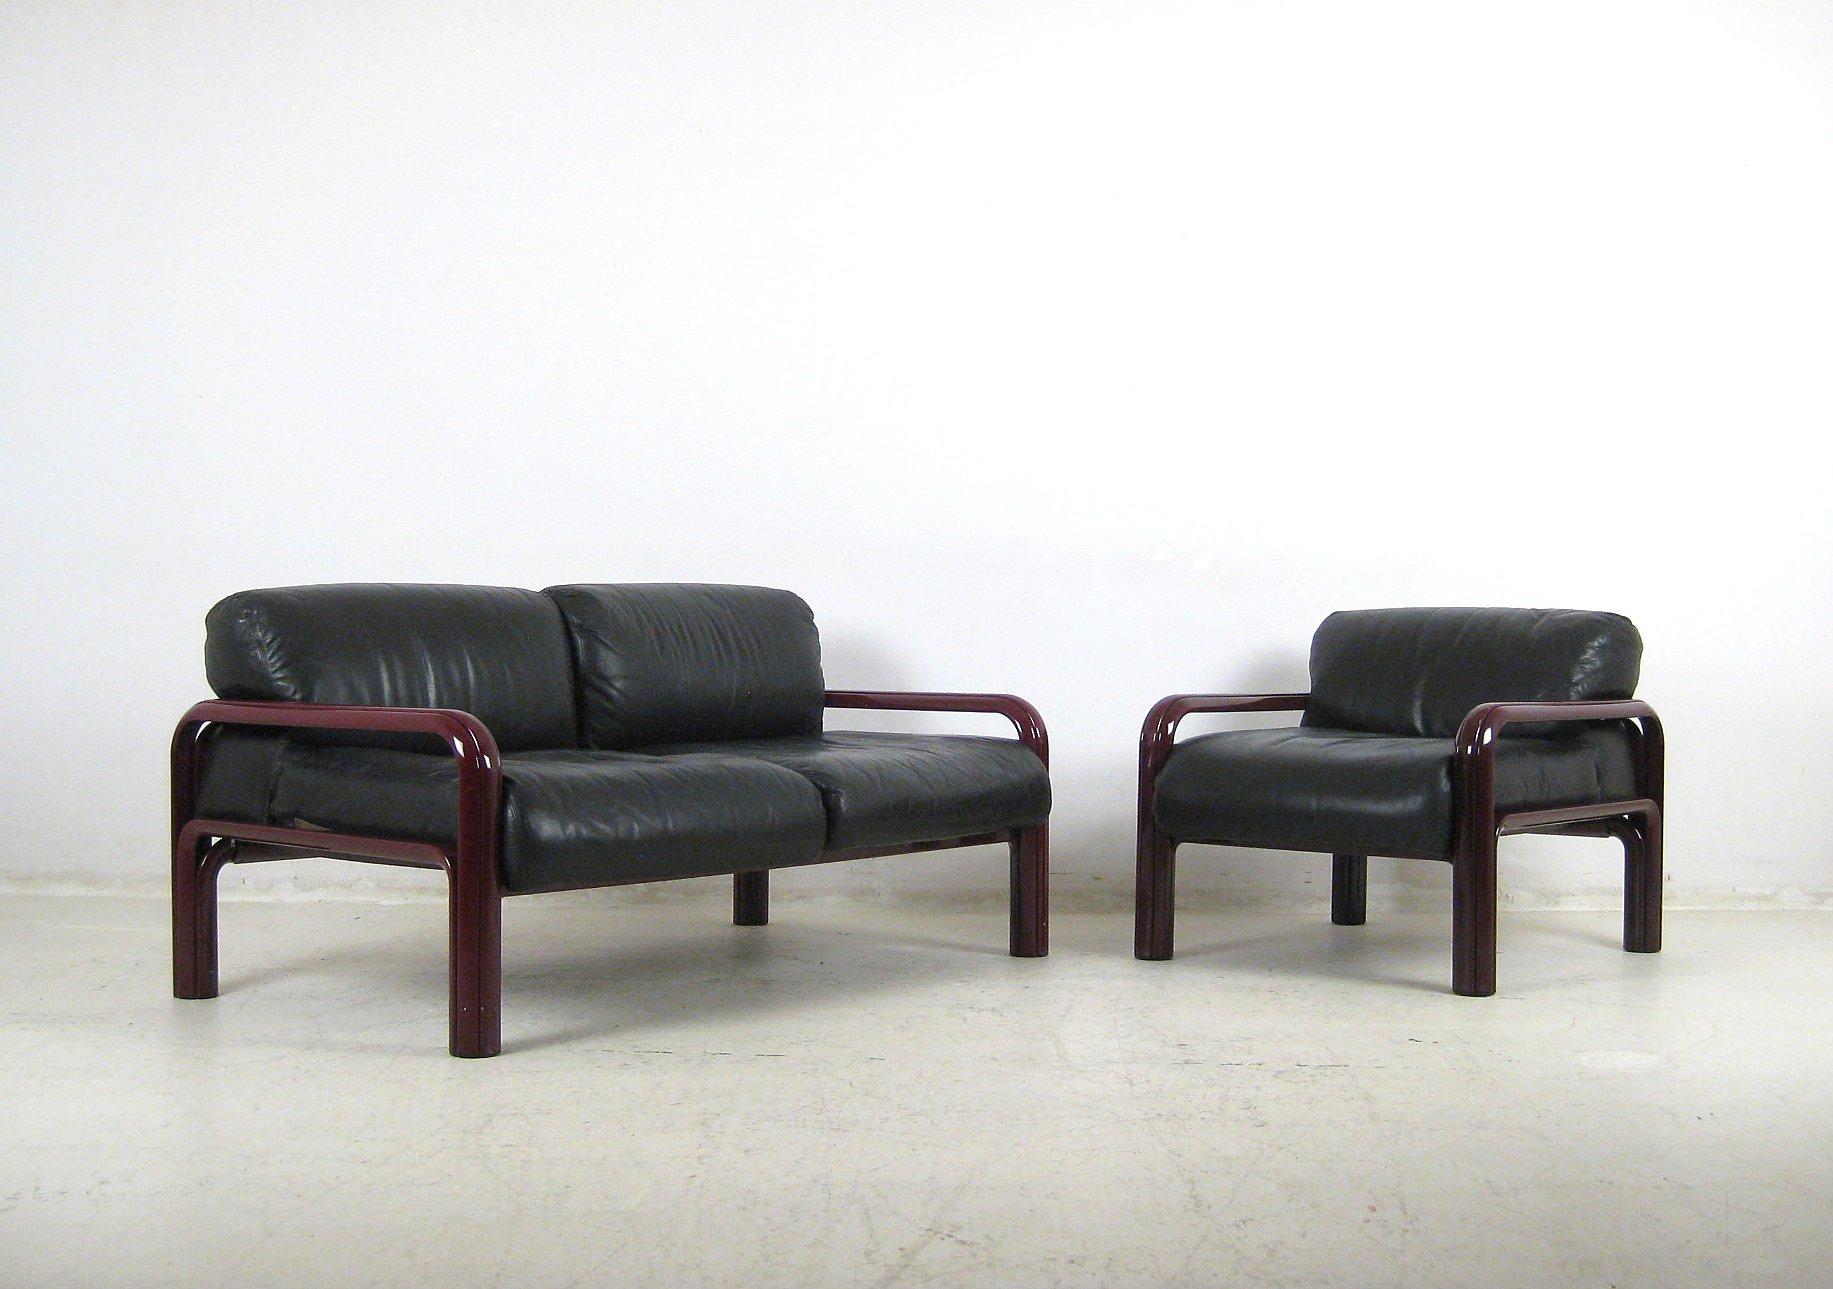 Ansprechend Zweiersofa Referenz Von Gae Aulenti, + Lounge Sessel Für Knoll